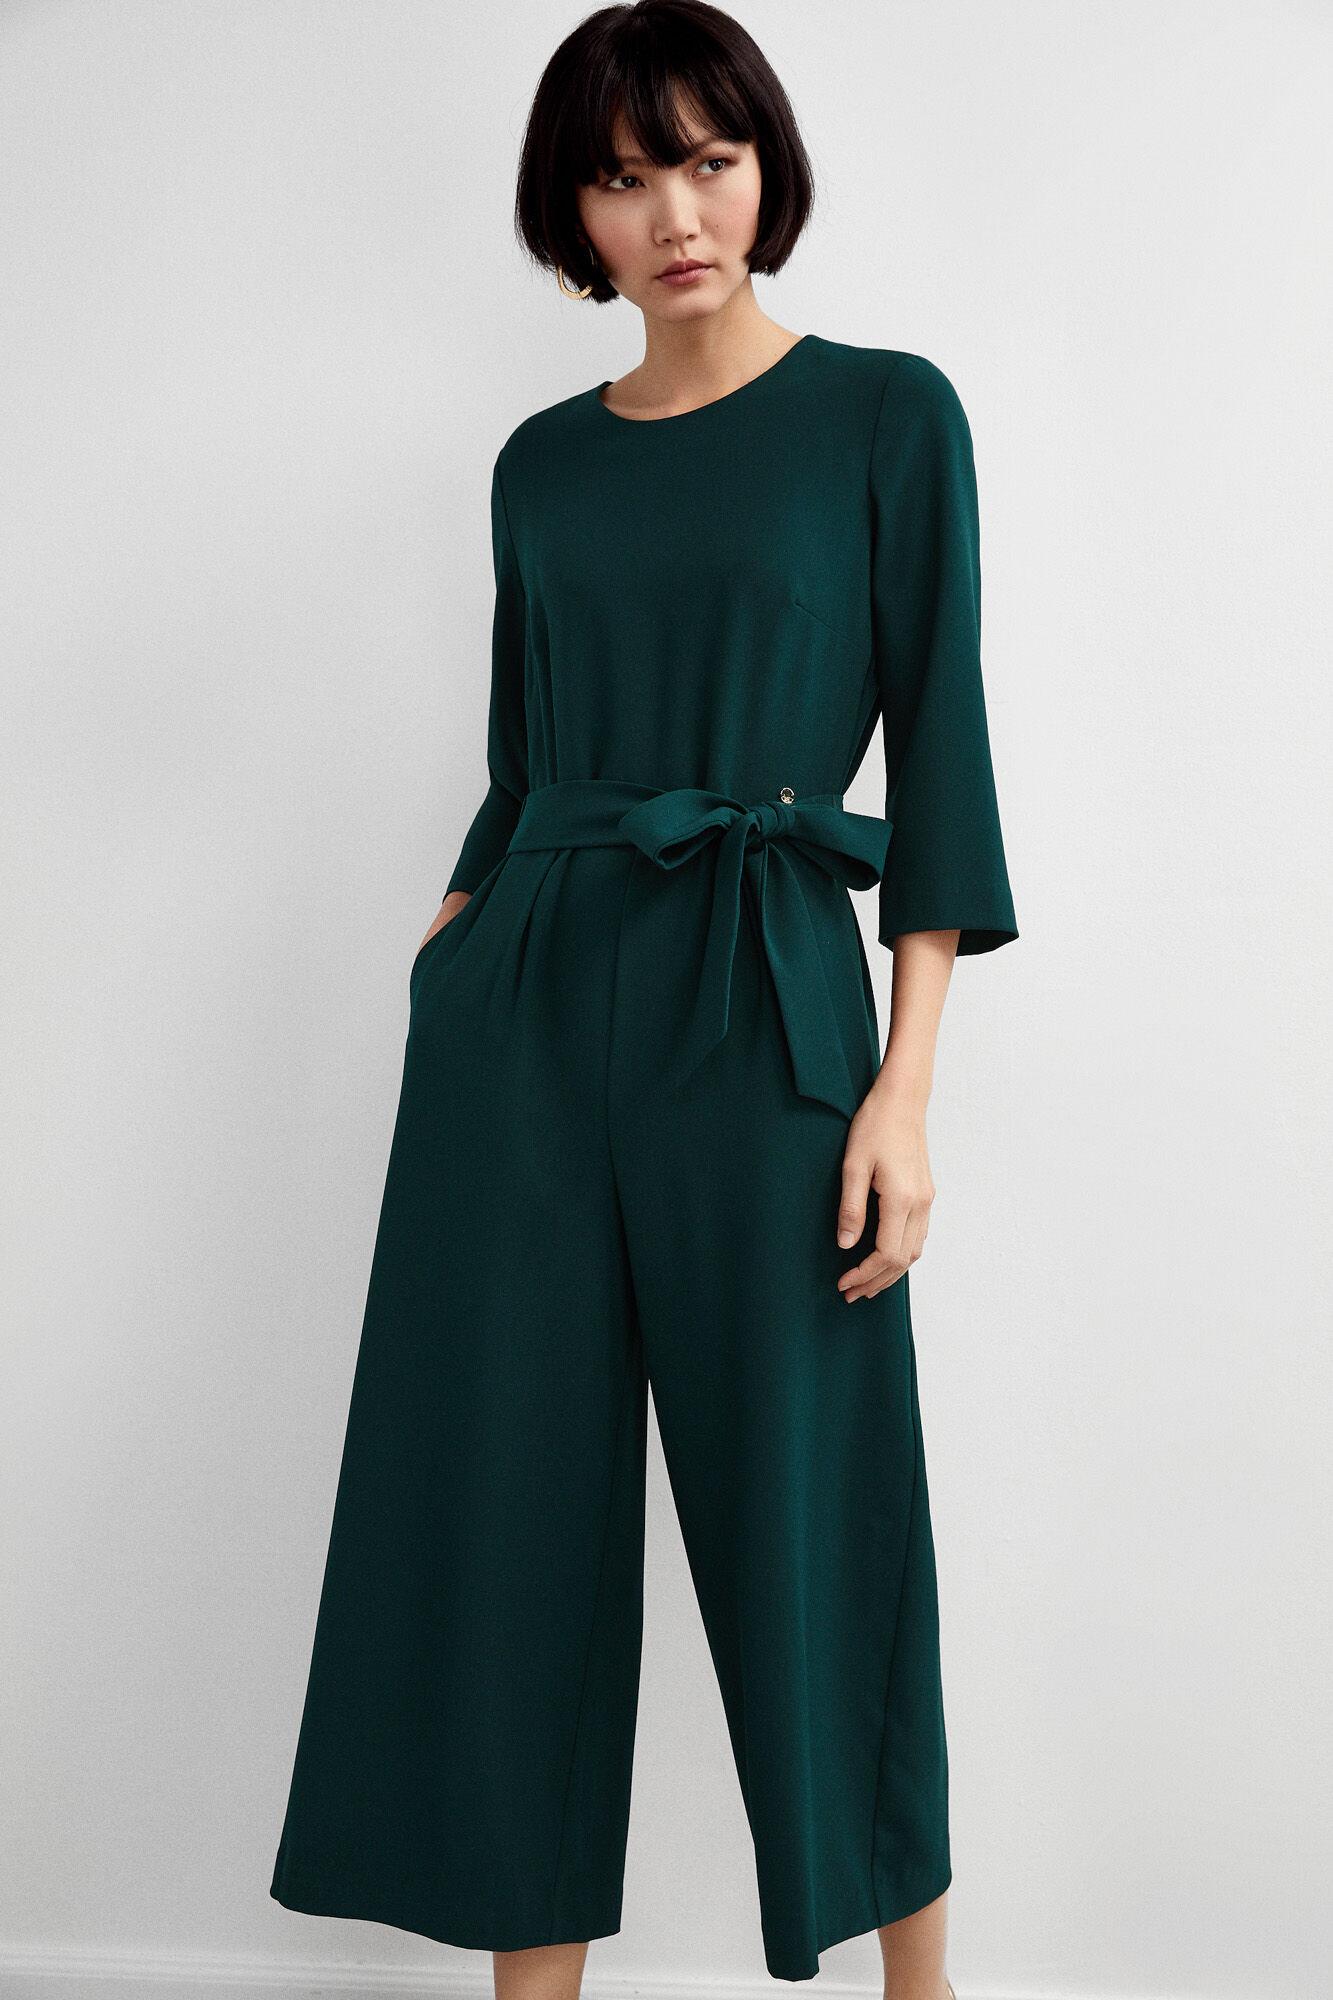 Vestidos mujer nueva coleccion